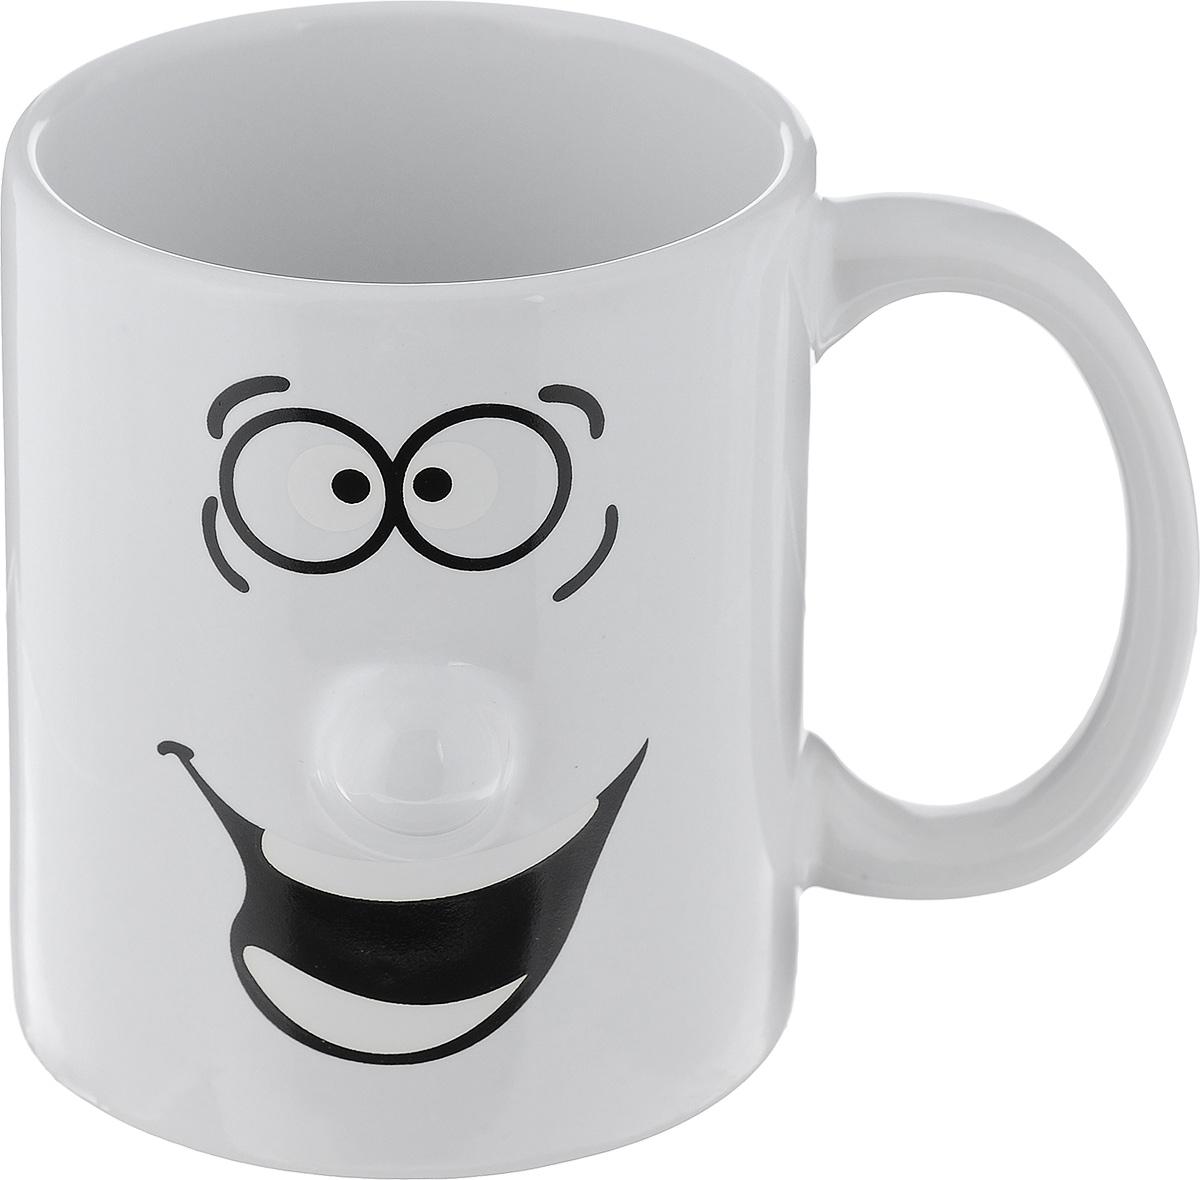 Кружка Walmer Smiley, цвет: белый, 300 мл115510Кружка Walmer Smiley выполнена из керамики и оформлена изображением забавного смайлика. Она станет отличным дополнением к сервировке семейного стола и замечательным подарком для ваших родных и друзей.Не рекомендуется применять абразивные моющие средства.Диаметр кружки по верхнему краю: 8 см.Высота кружки: 9,5 см.